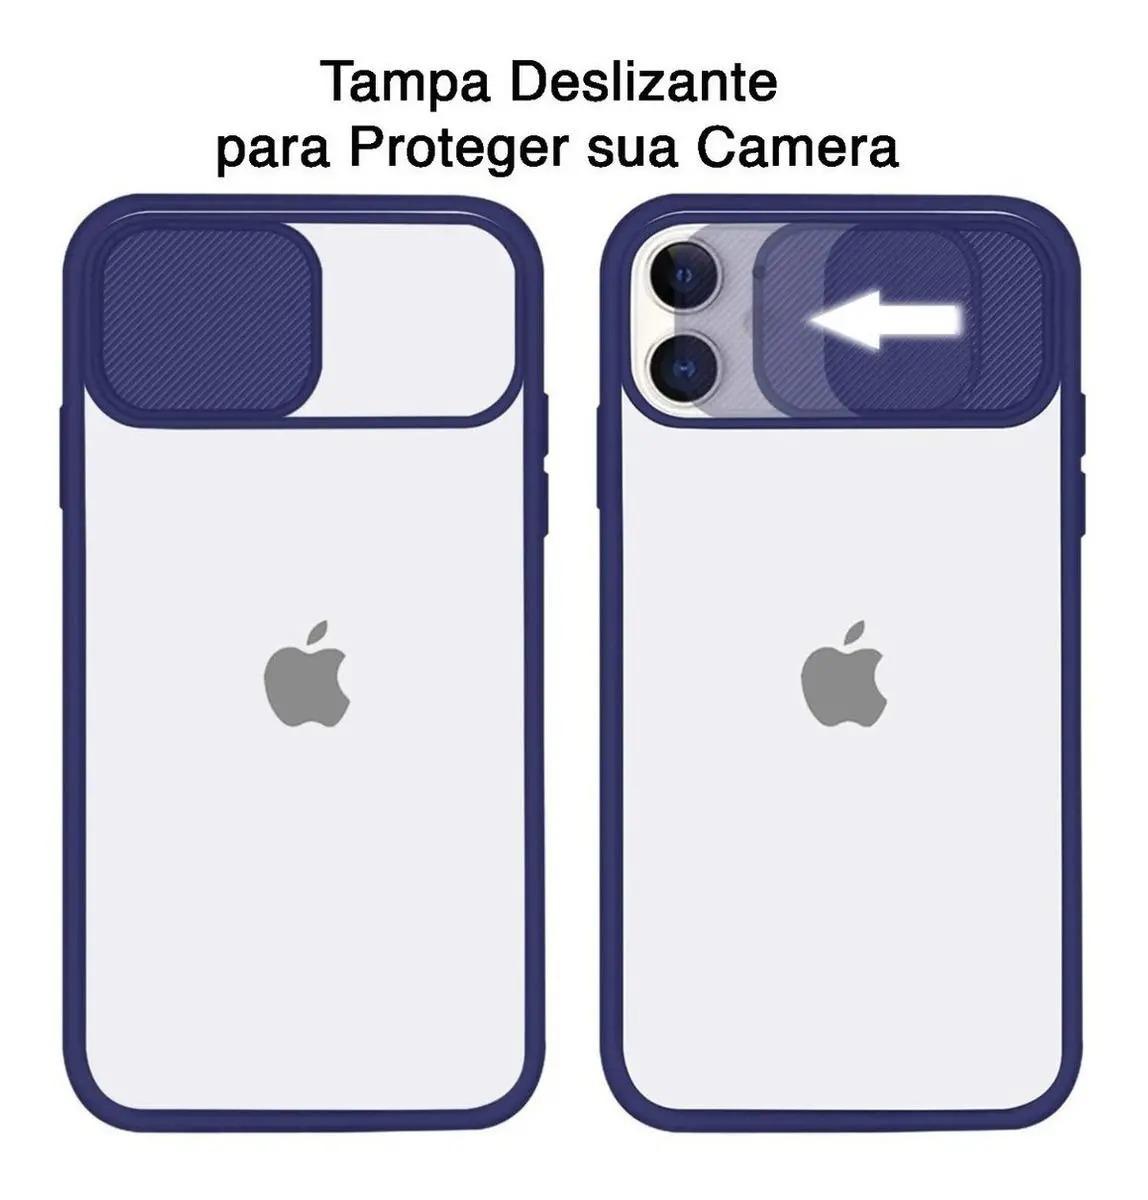 Capa Com Proteção Para Câmera Verde Claro Compatível com iPhone 11 Pro Max